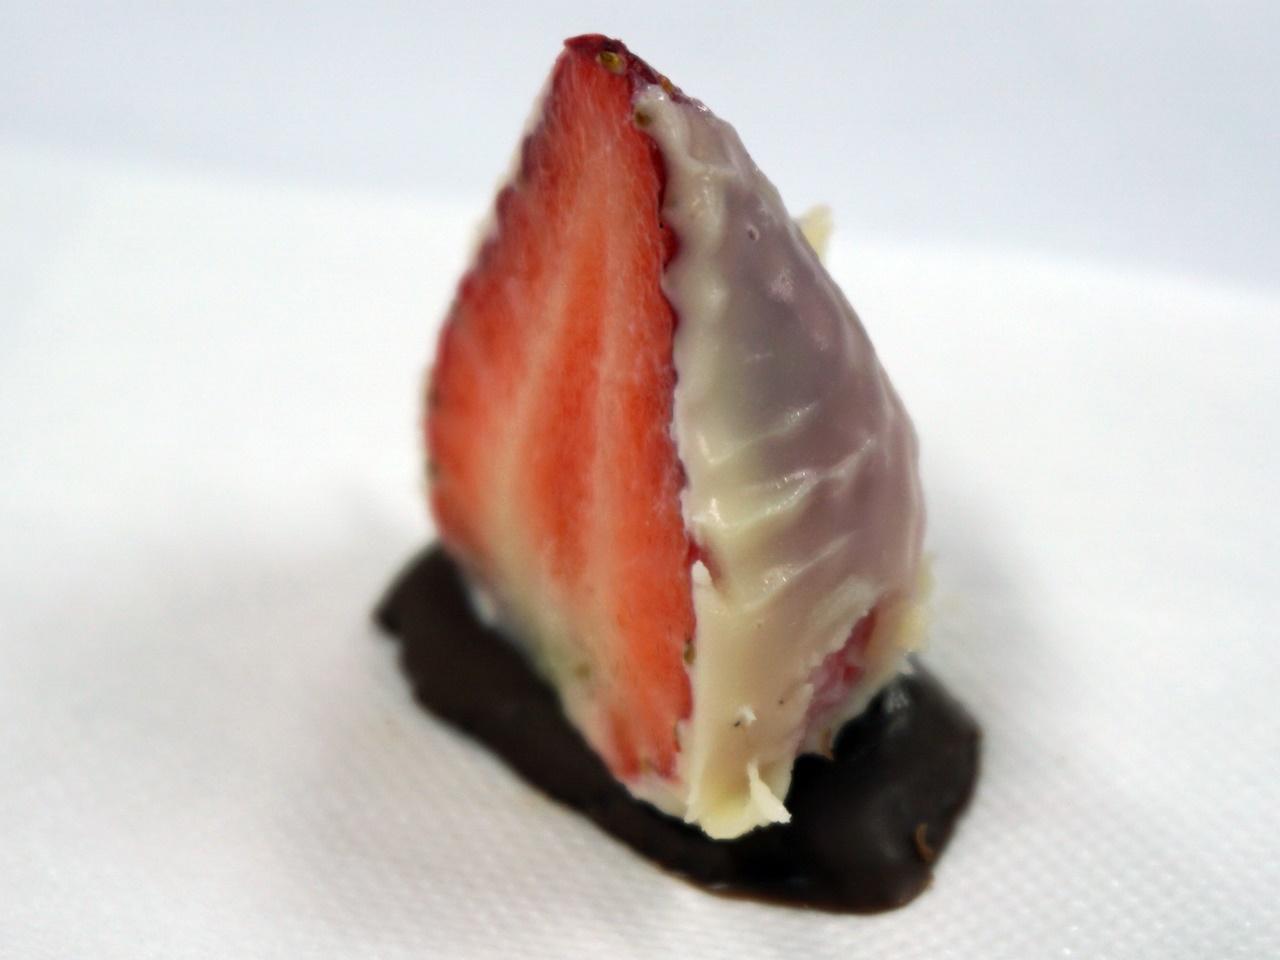 苺スイーツ店「オードリー」の「オードリードゥミ」